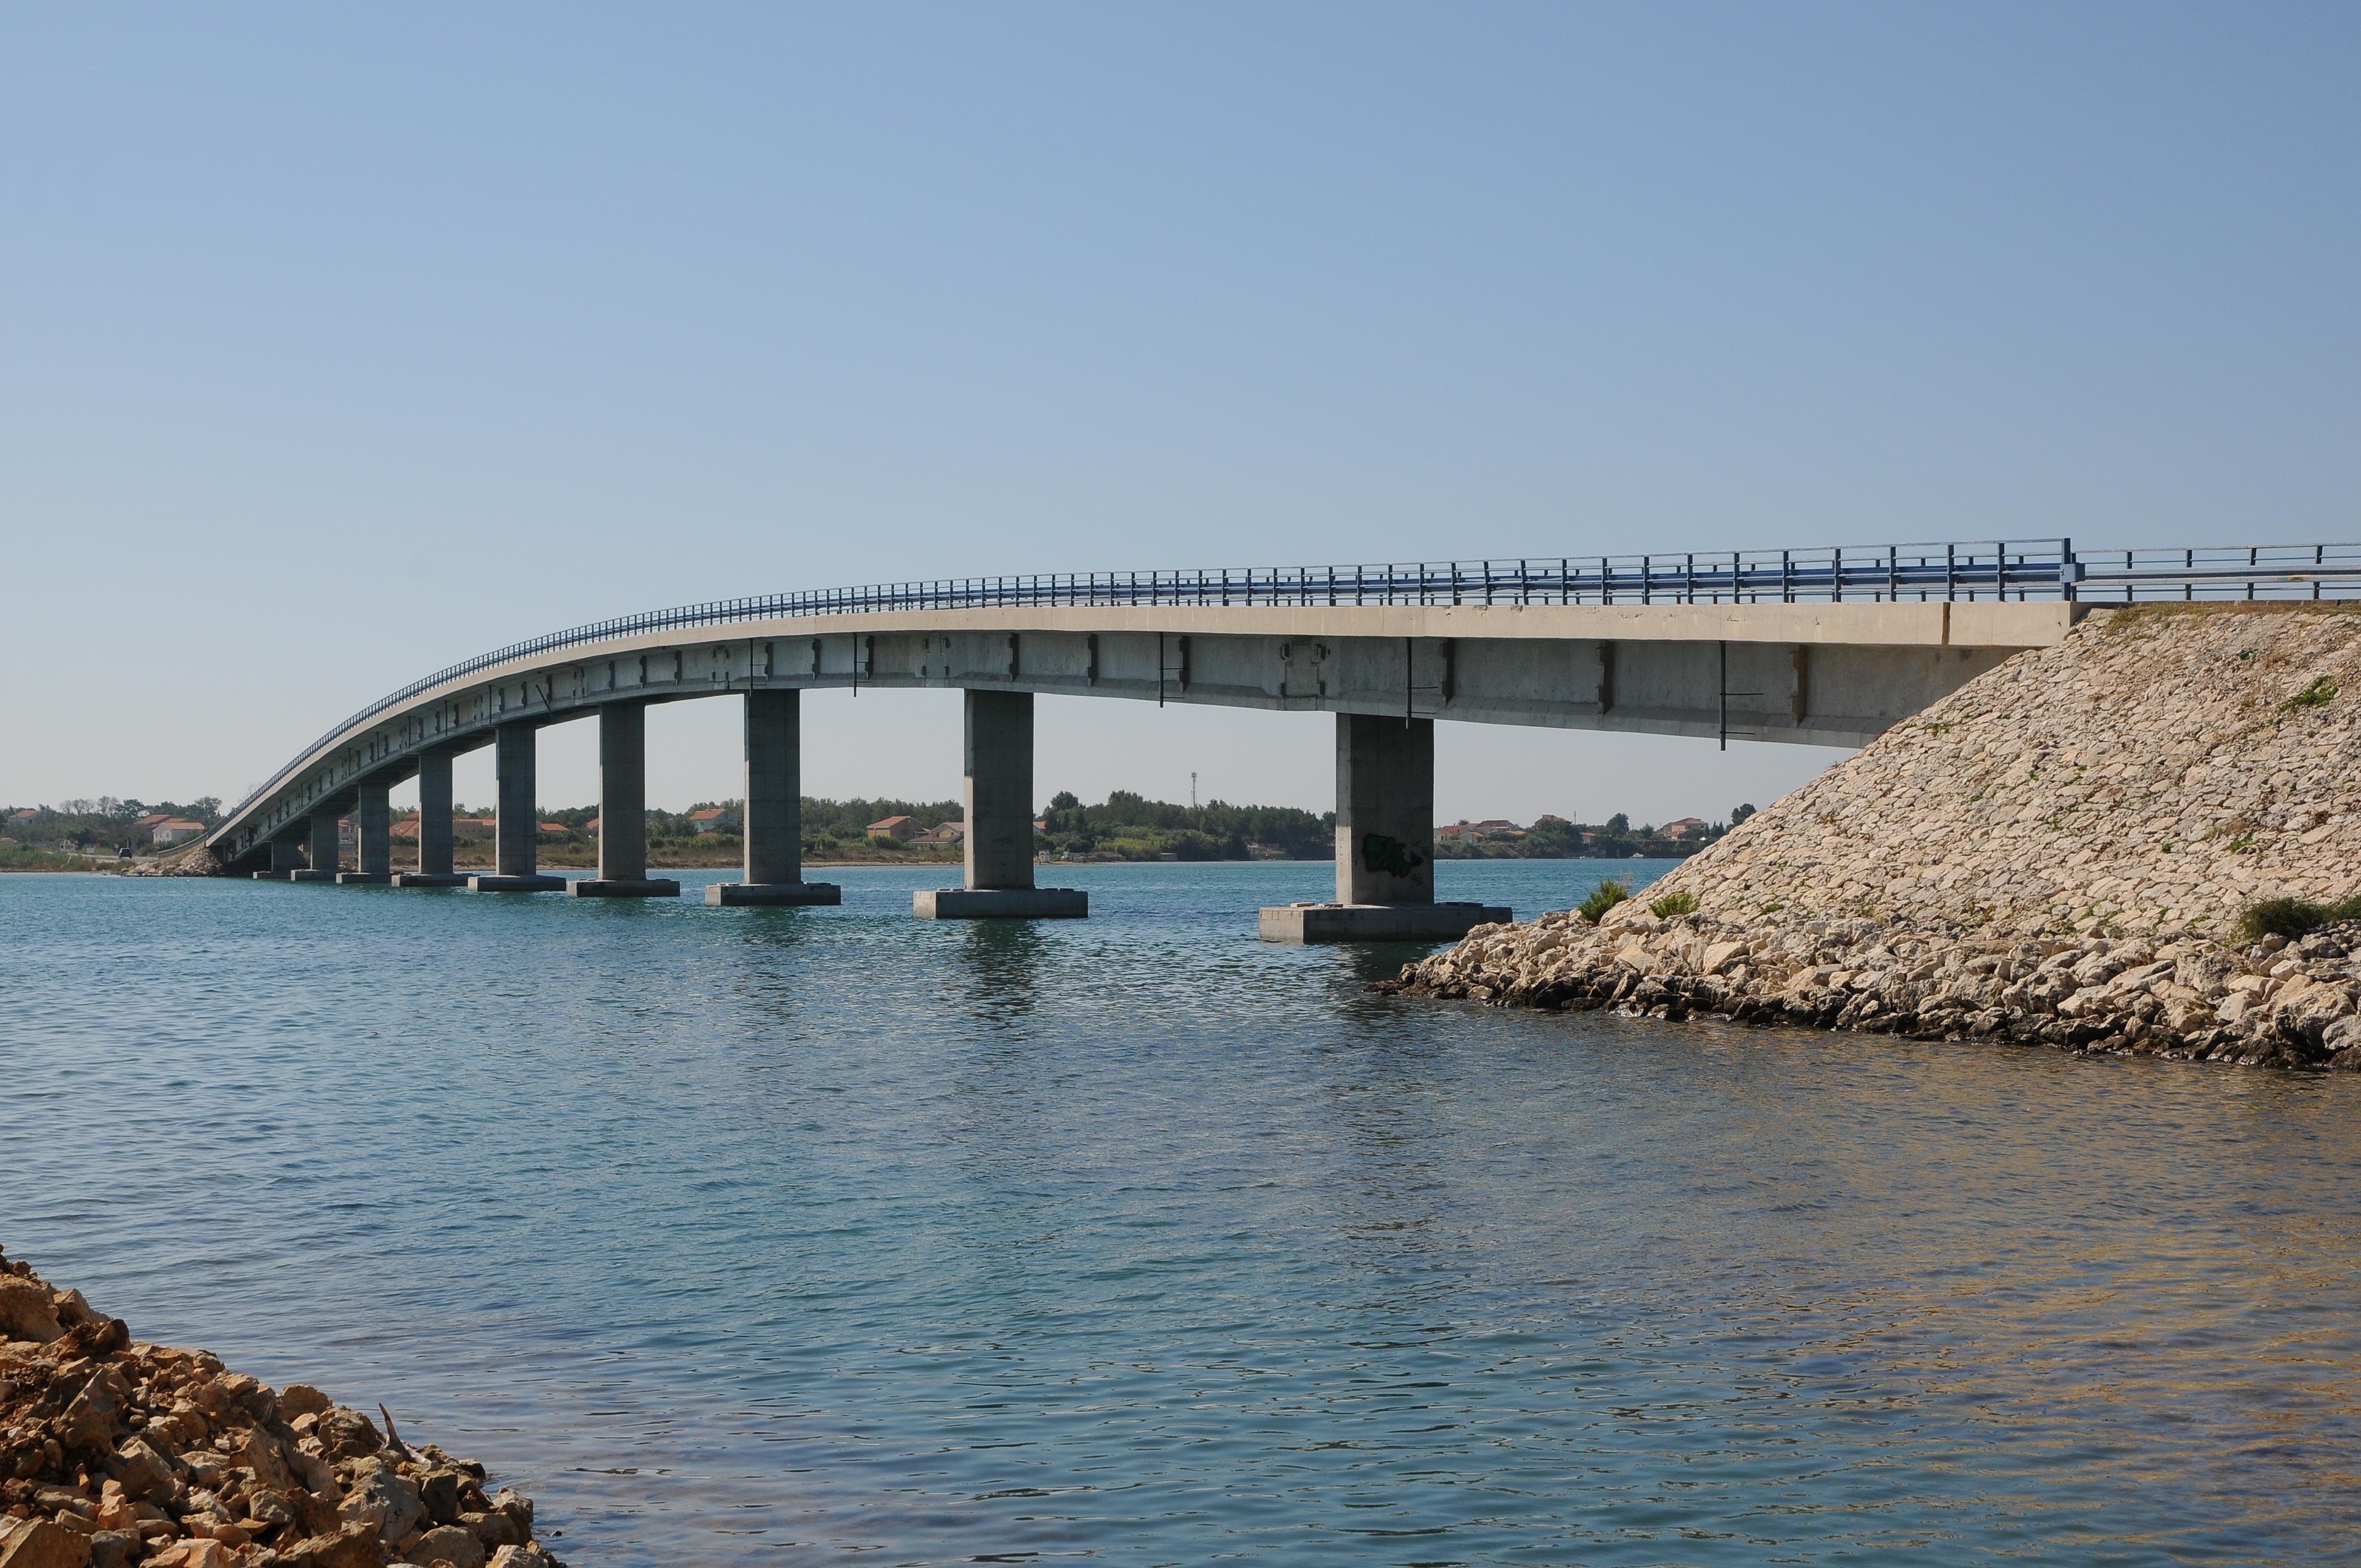 File:Brücke nach Vir, Kroatien.JPG - Wikimedia Commons